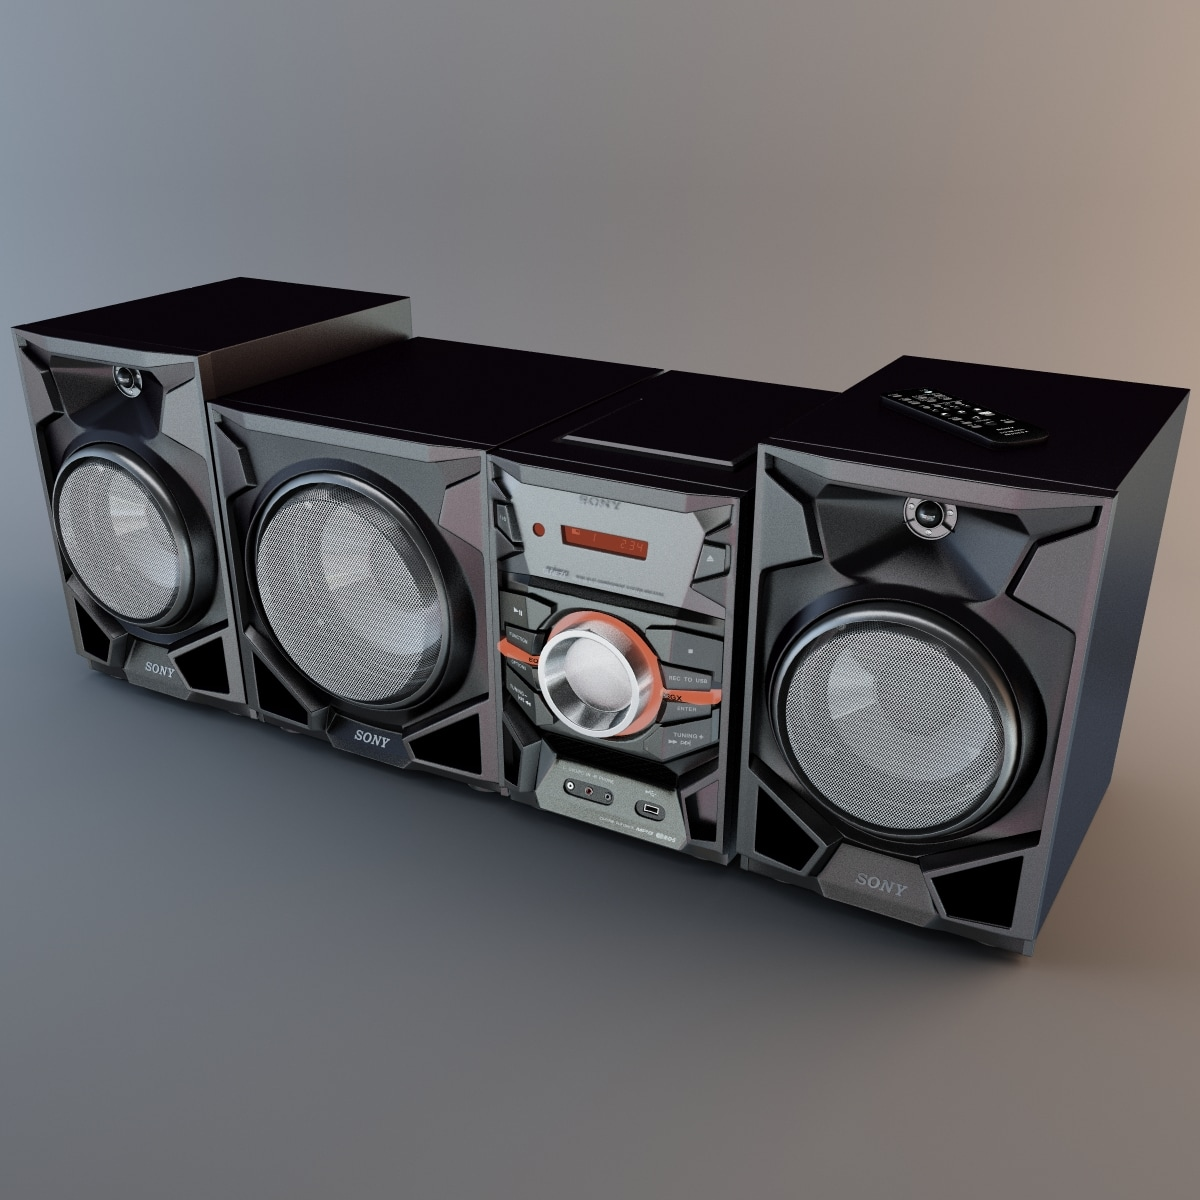 Stereo_Double_Cassette_Tape_Sony_MHC_EX900_Set_004.jpg